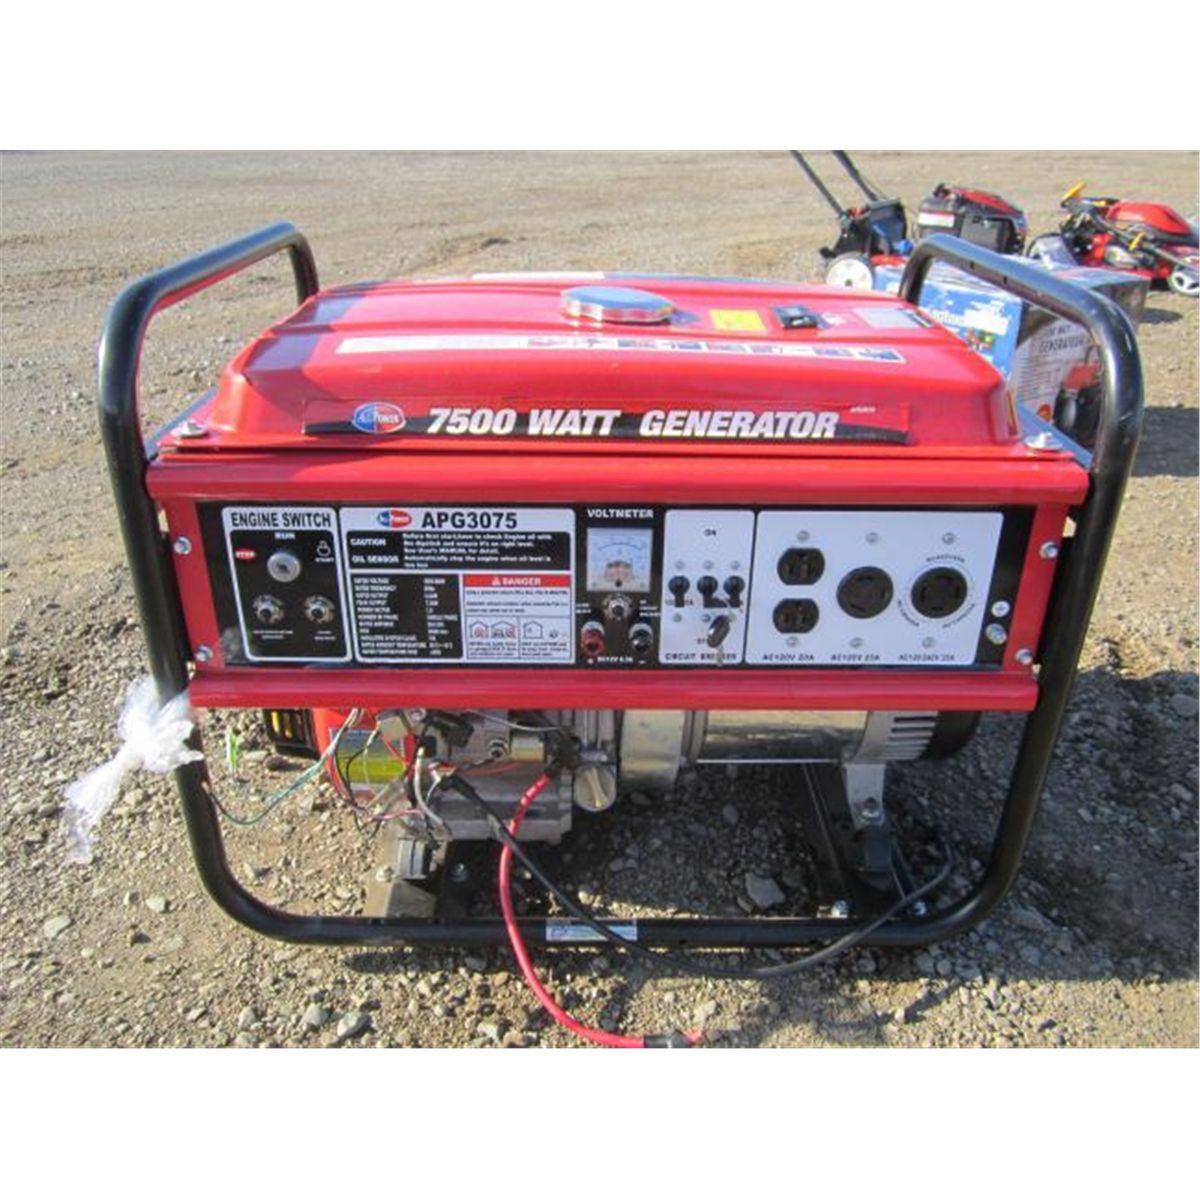 All Power 7 500 Watt Portable Generator Product Manual Apg3075